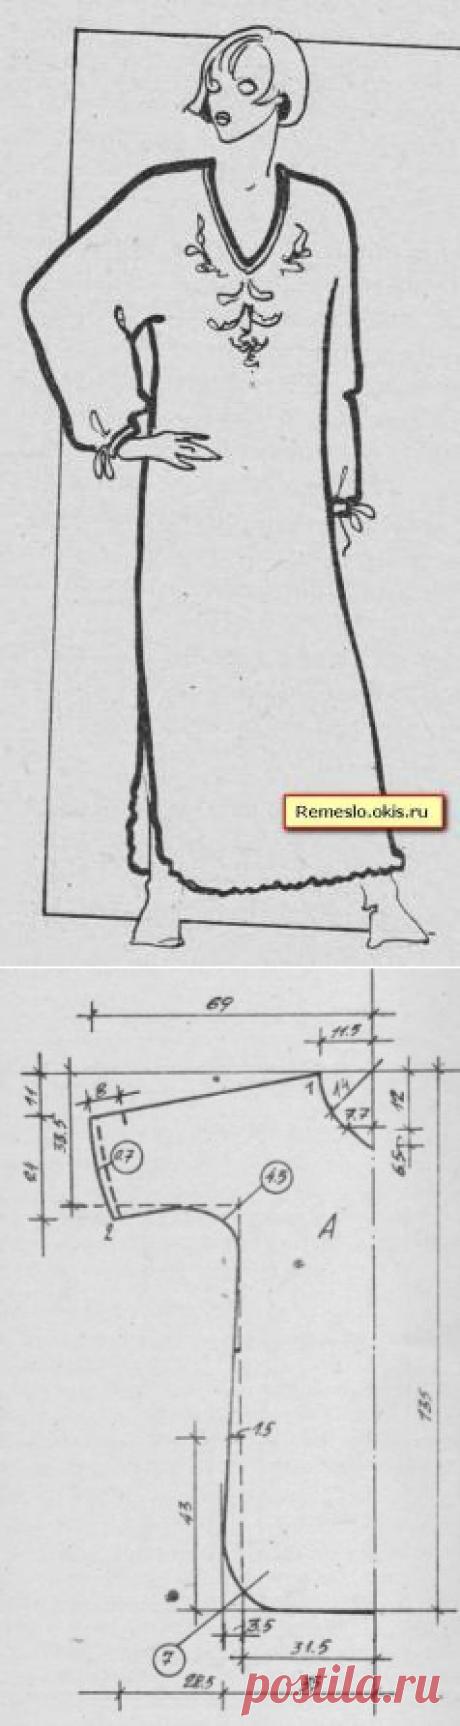 El camisón con tselnokroenym por la manga. La dimensión 50